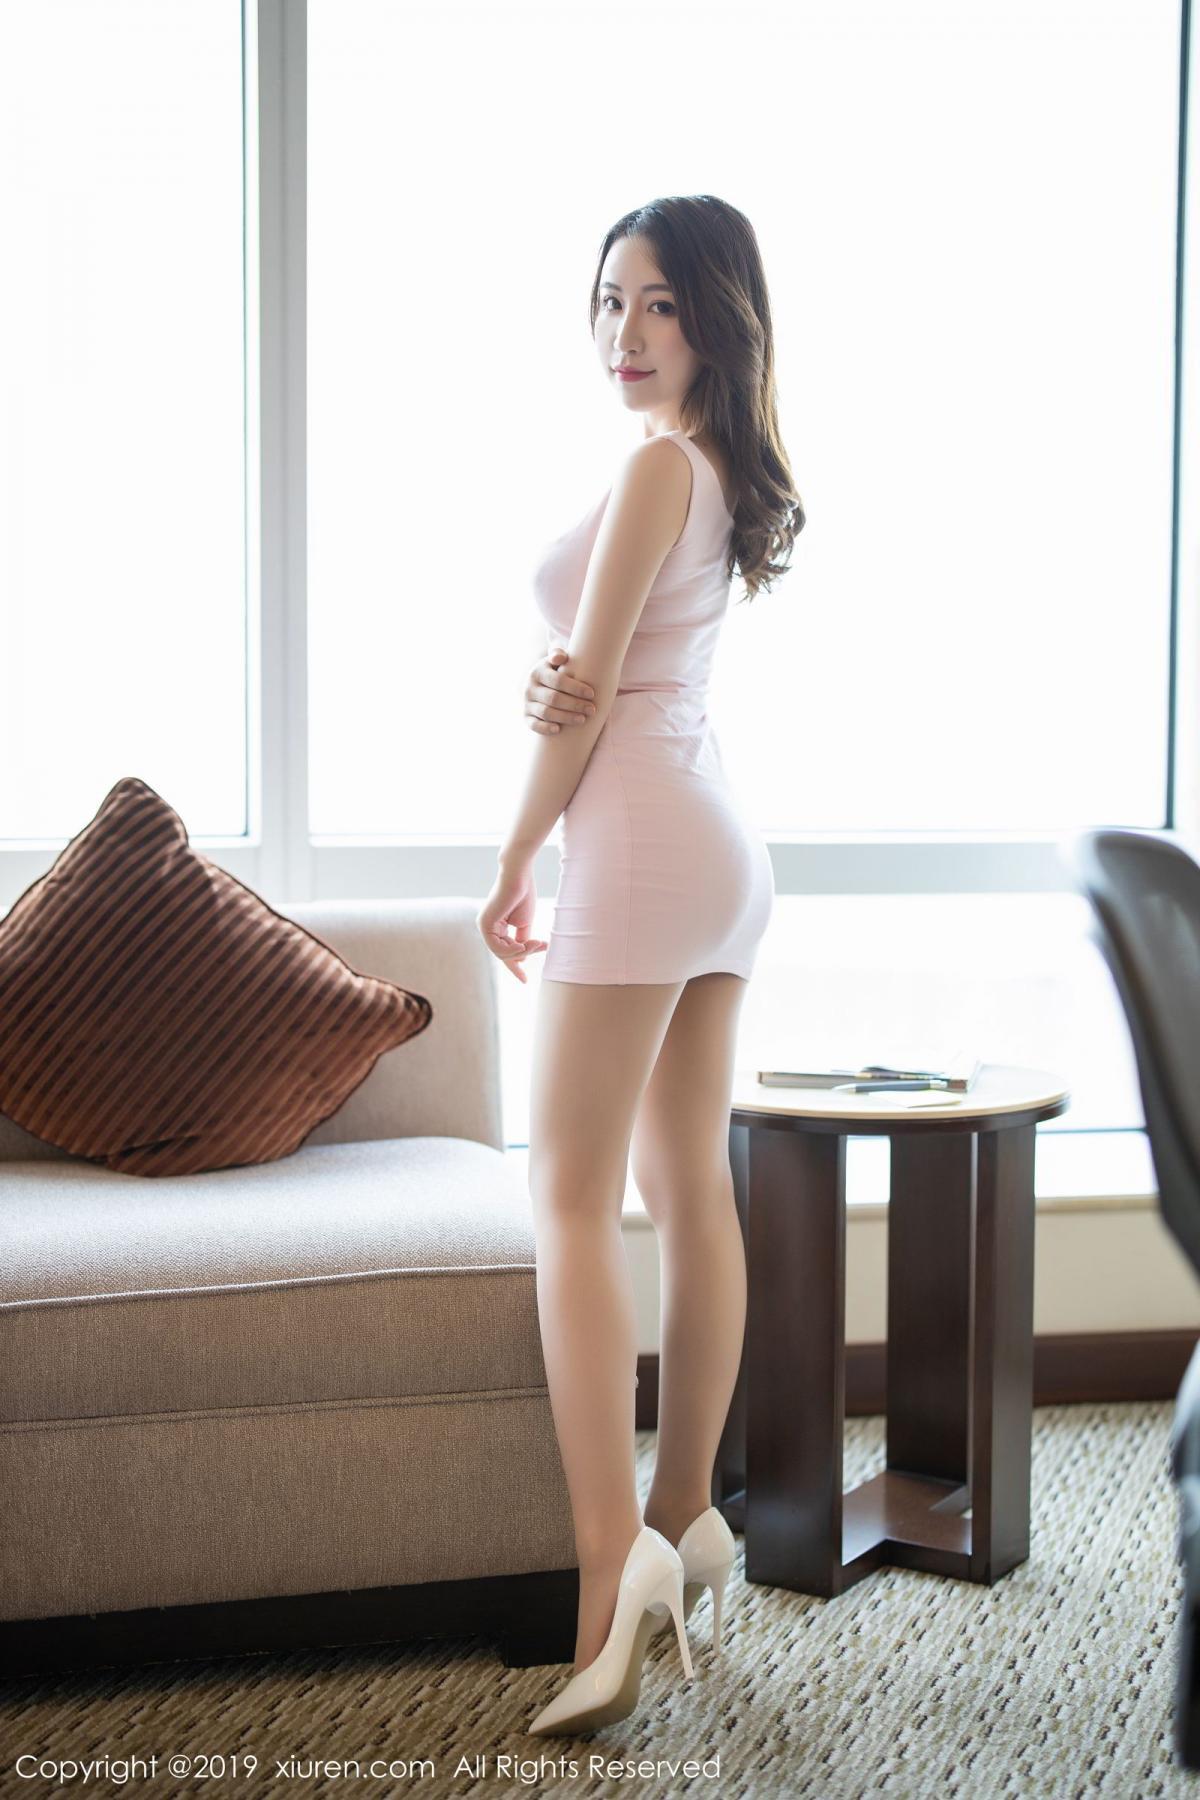 [XiaoYu] Vol.1697 Xie Zhi Xin 15P, Home, Sexy, XiaoYu, Xie Zhi Xin